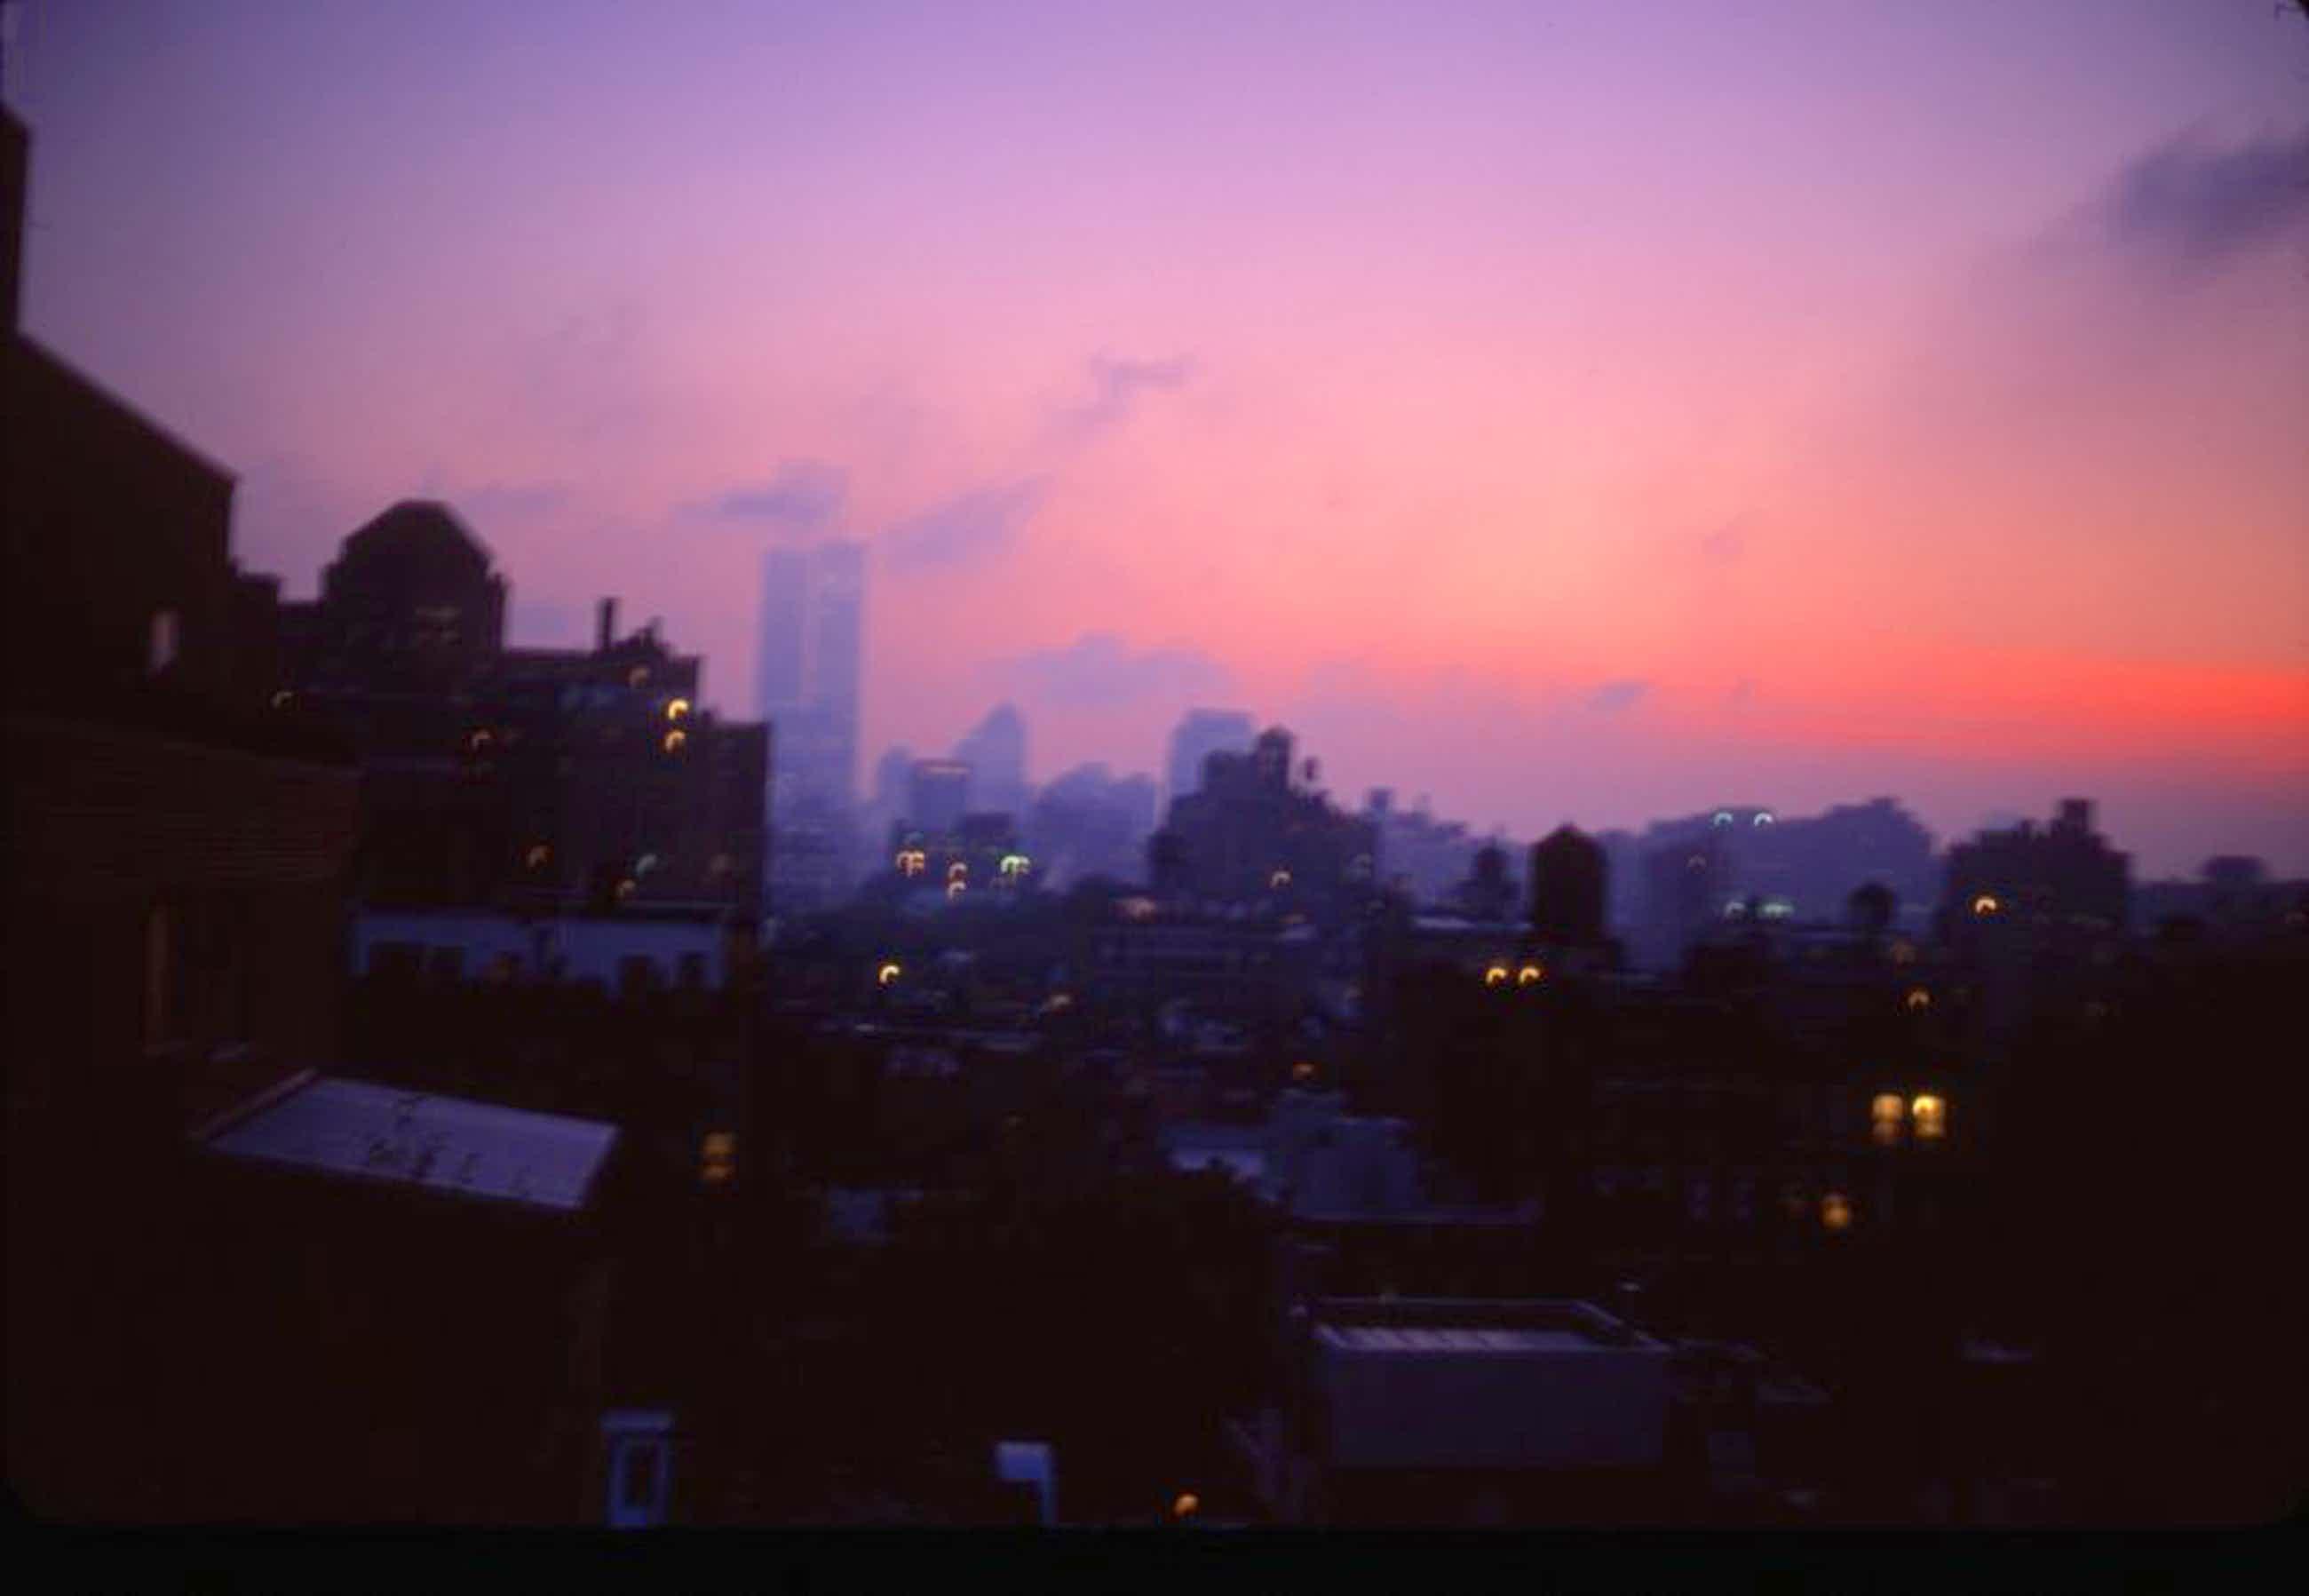 Nan Goldin - Apocalyptic Sky Over Manhattan, NYC, 2001 kopen? Bied vanaf 500!